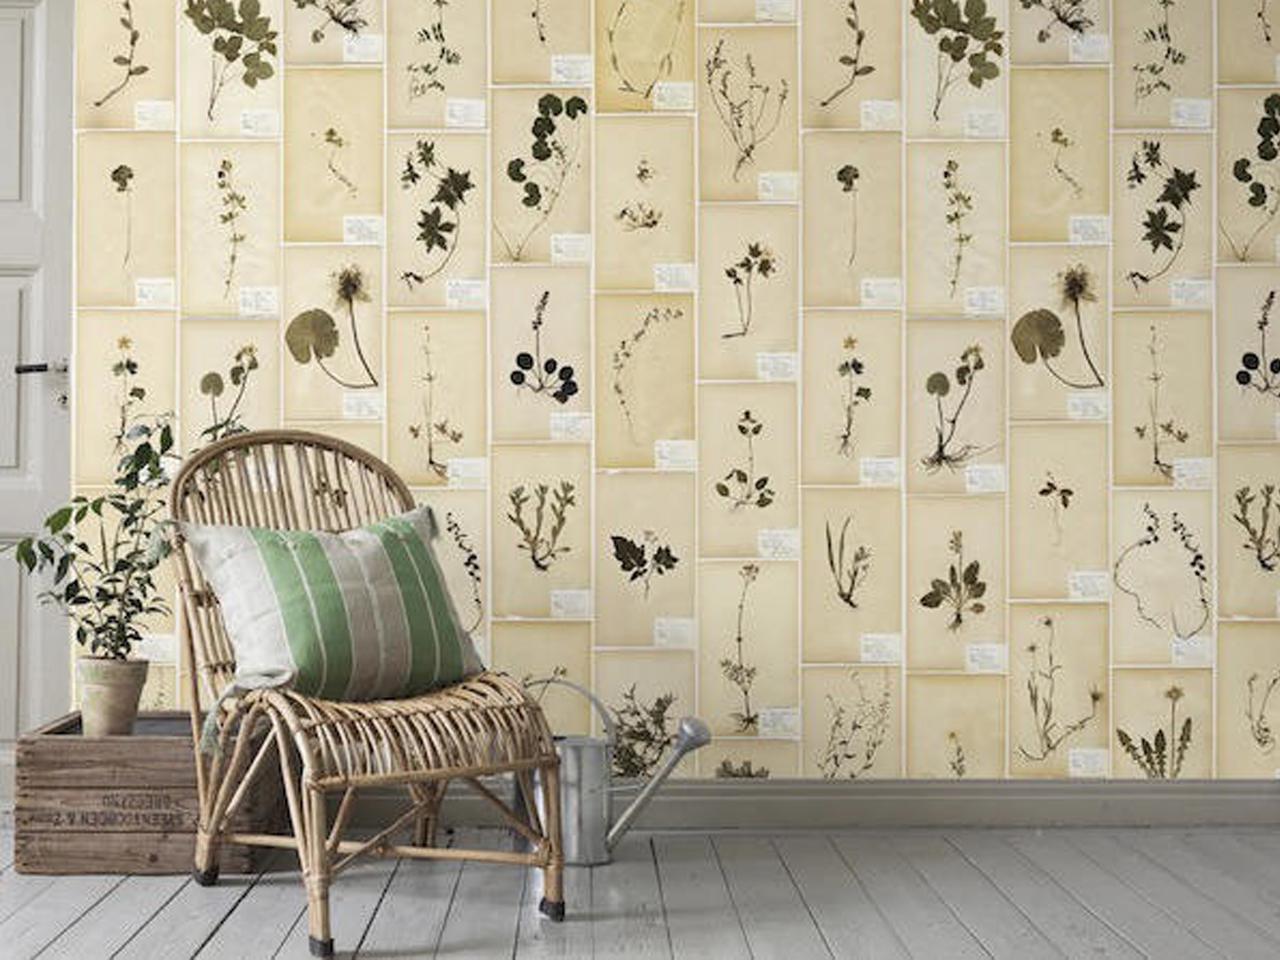 Decorar con hojas secas las 9 mejores ideas - Ideas para decorar paredes con plantas ...